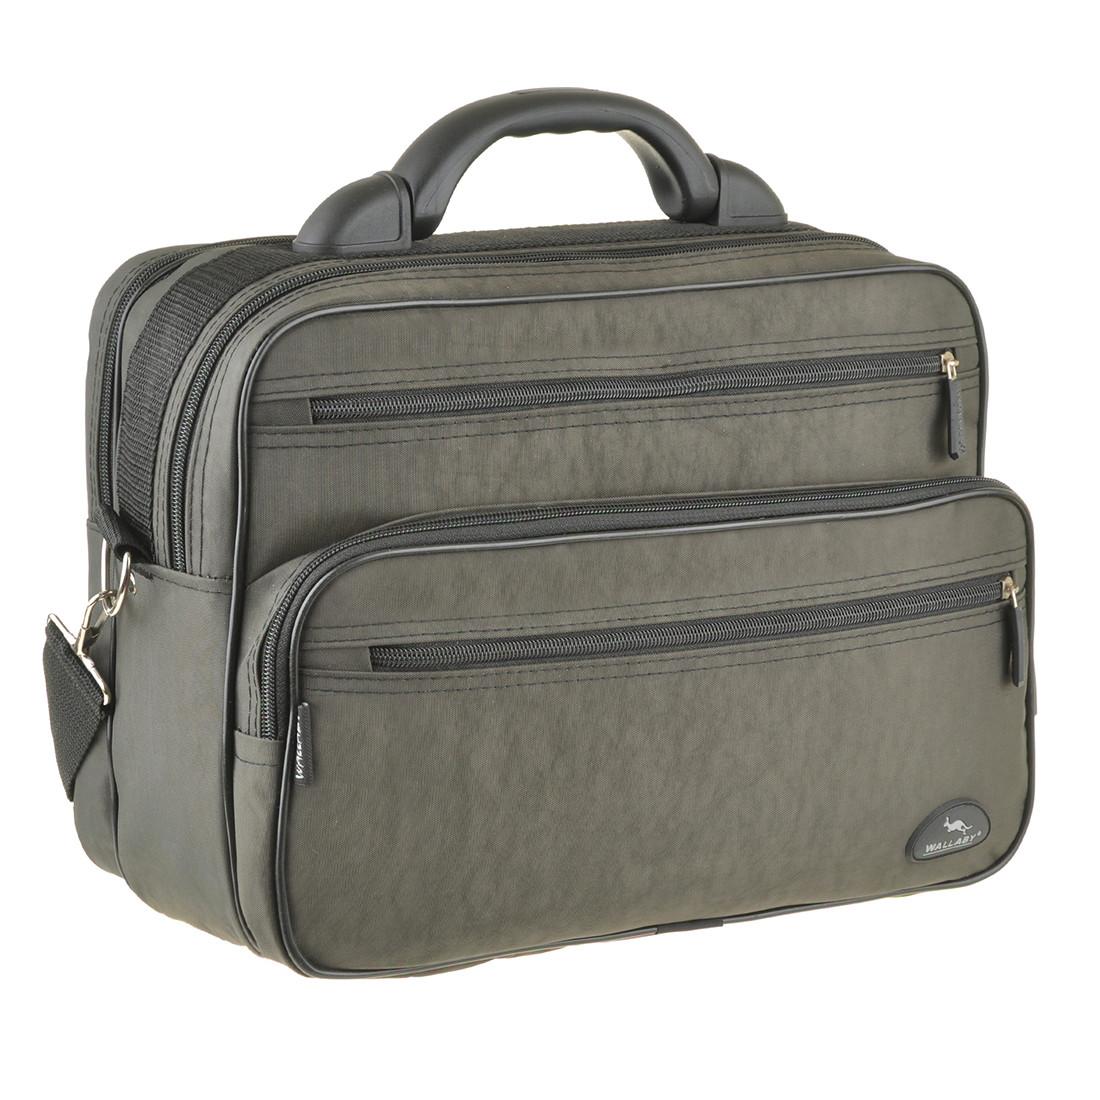 Мужская сумка Wallaby 36х26х16 ткань кринкл, пластиковая ручка  в 2653х